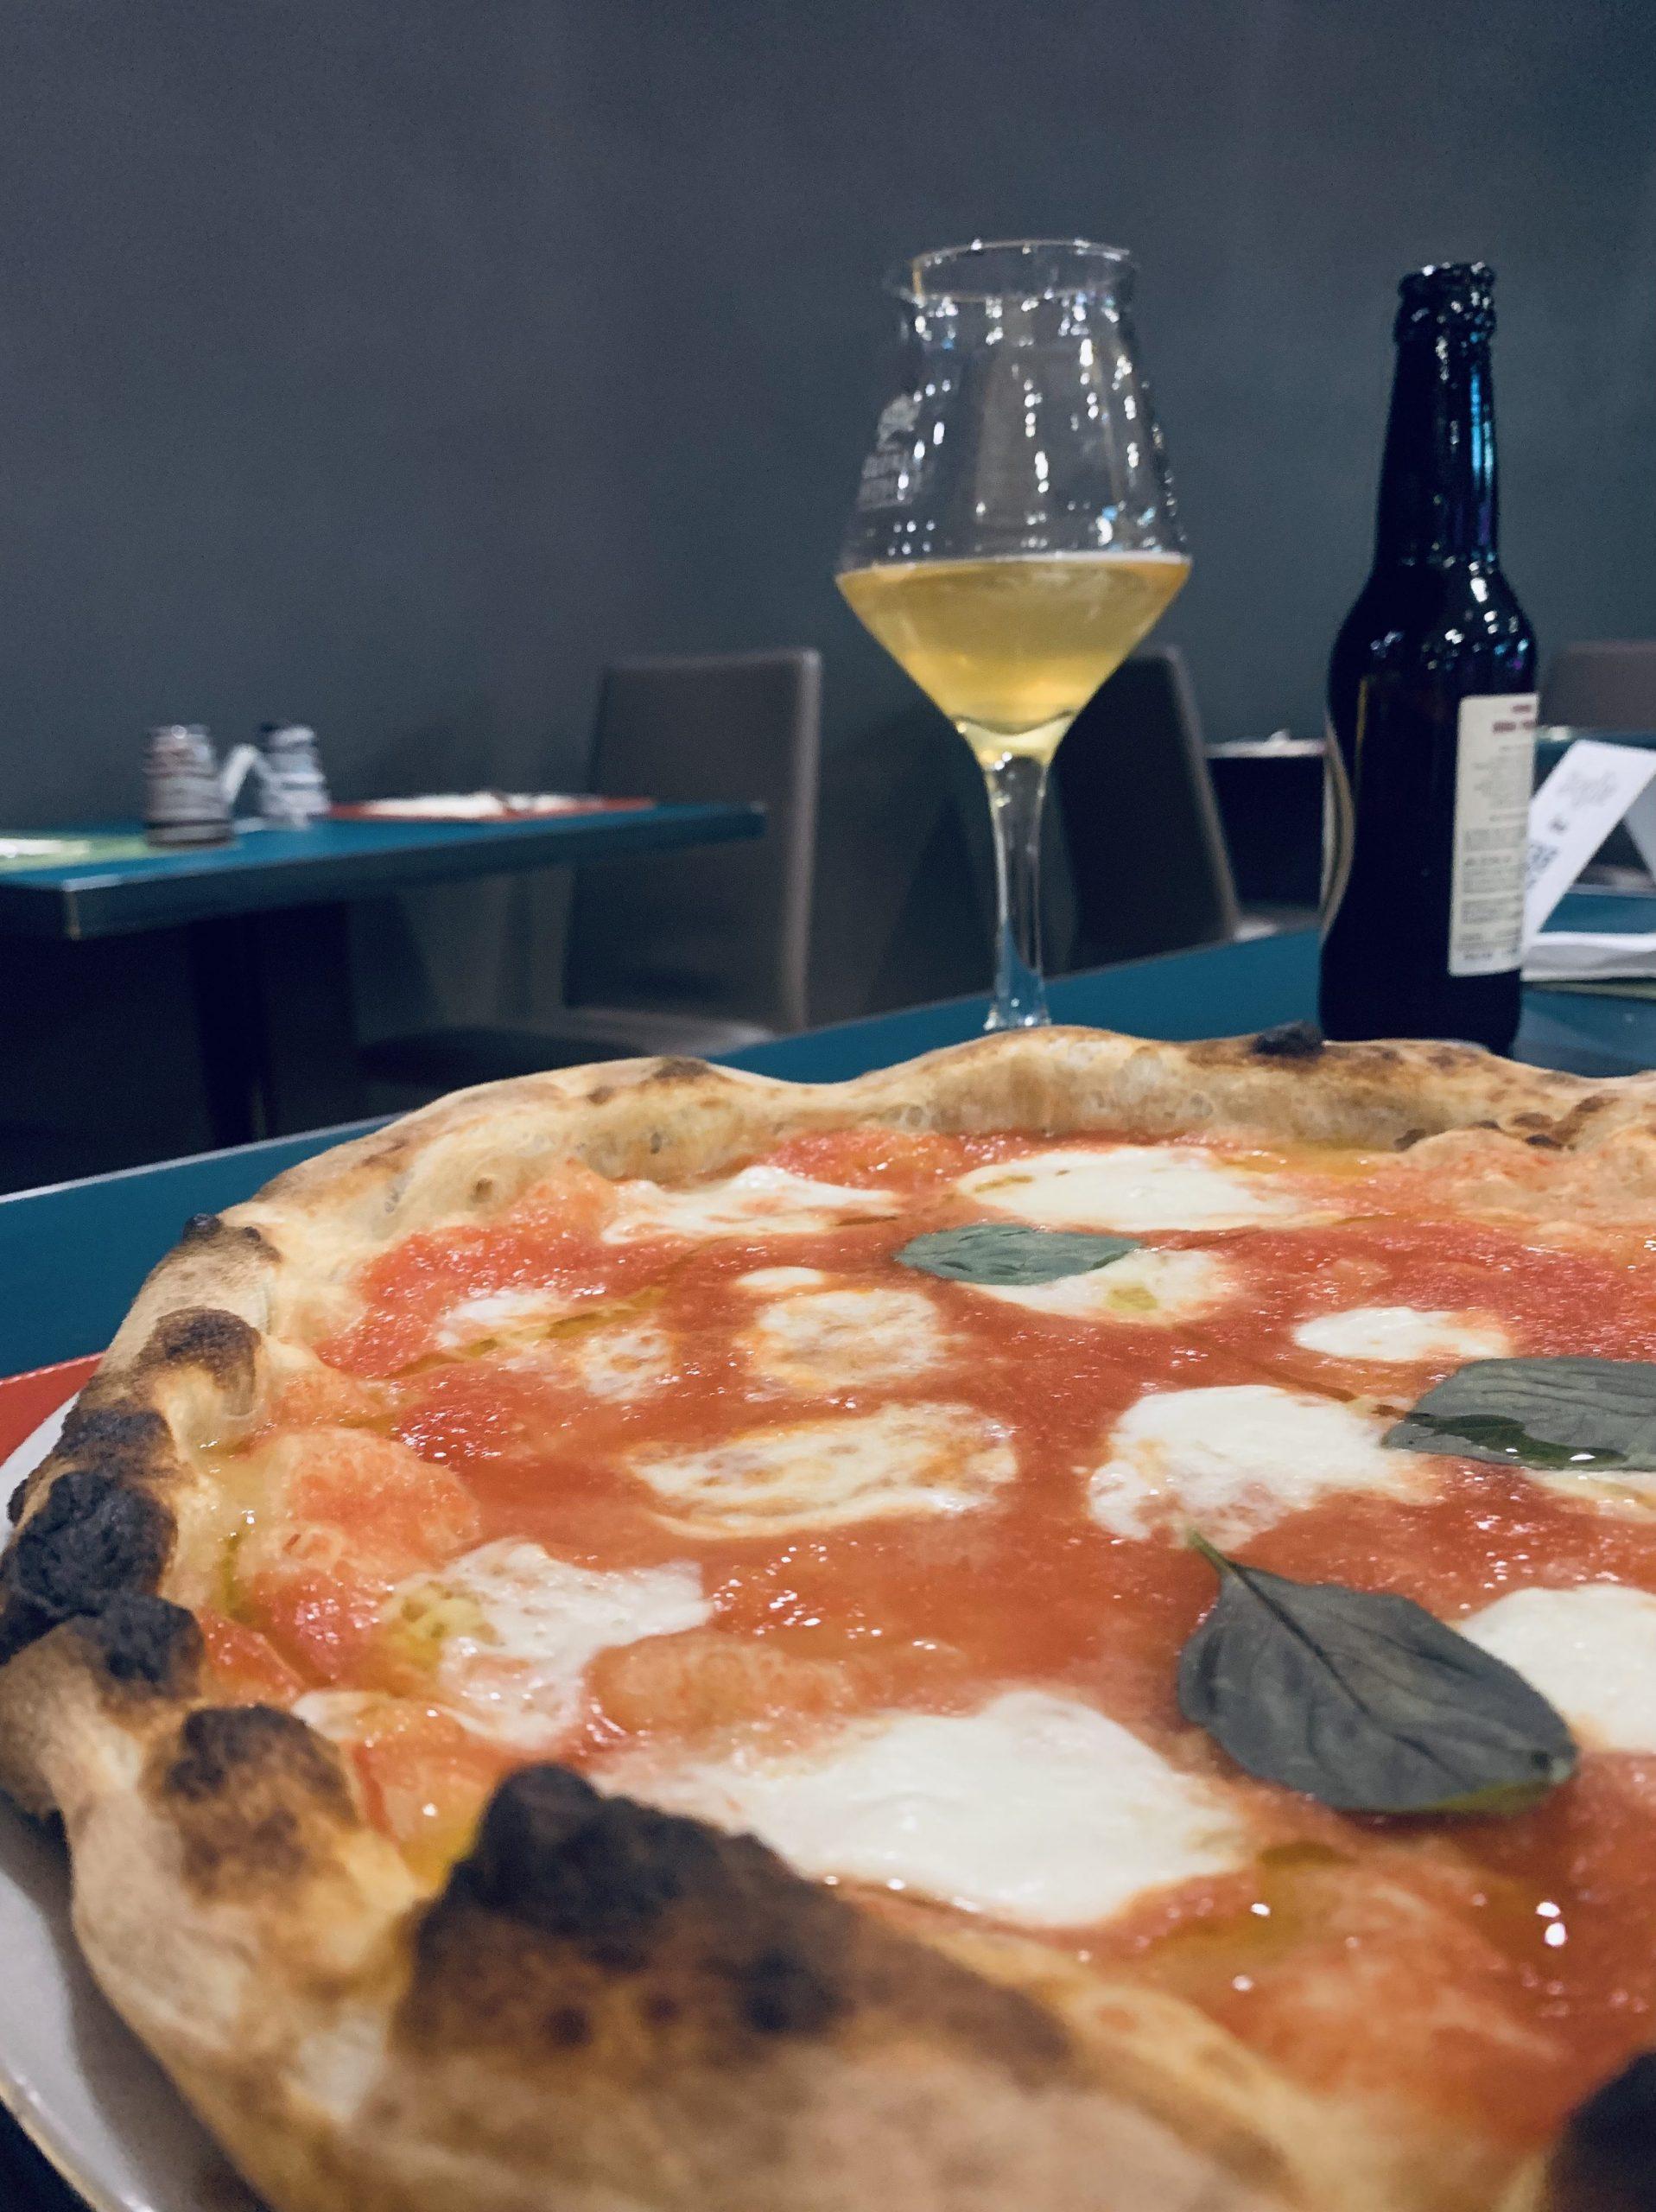 La Pizza alle 3 voglie